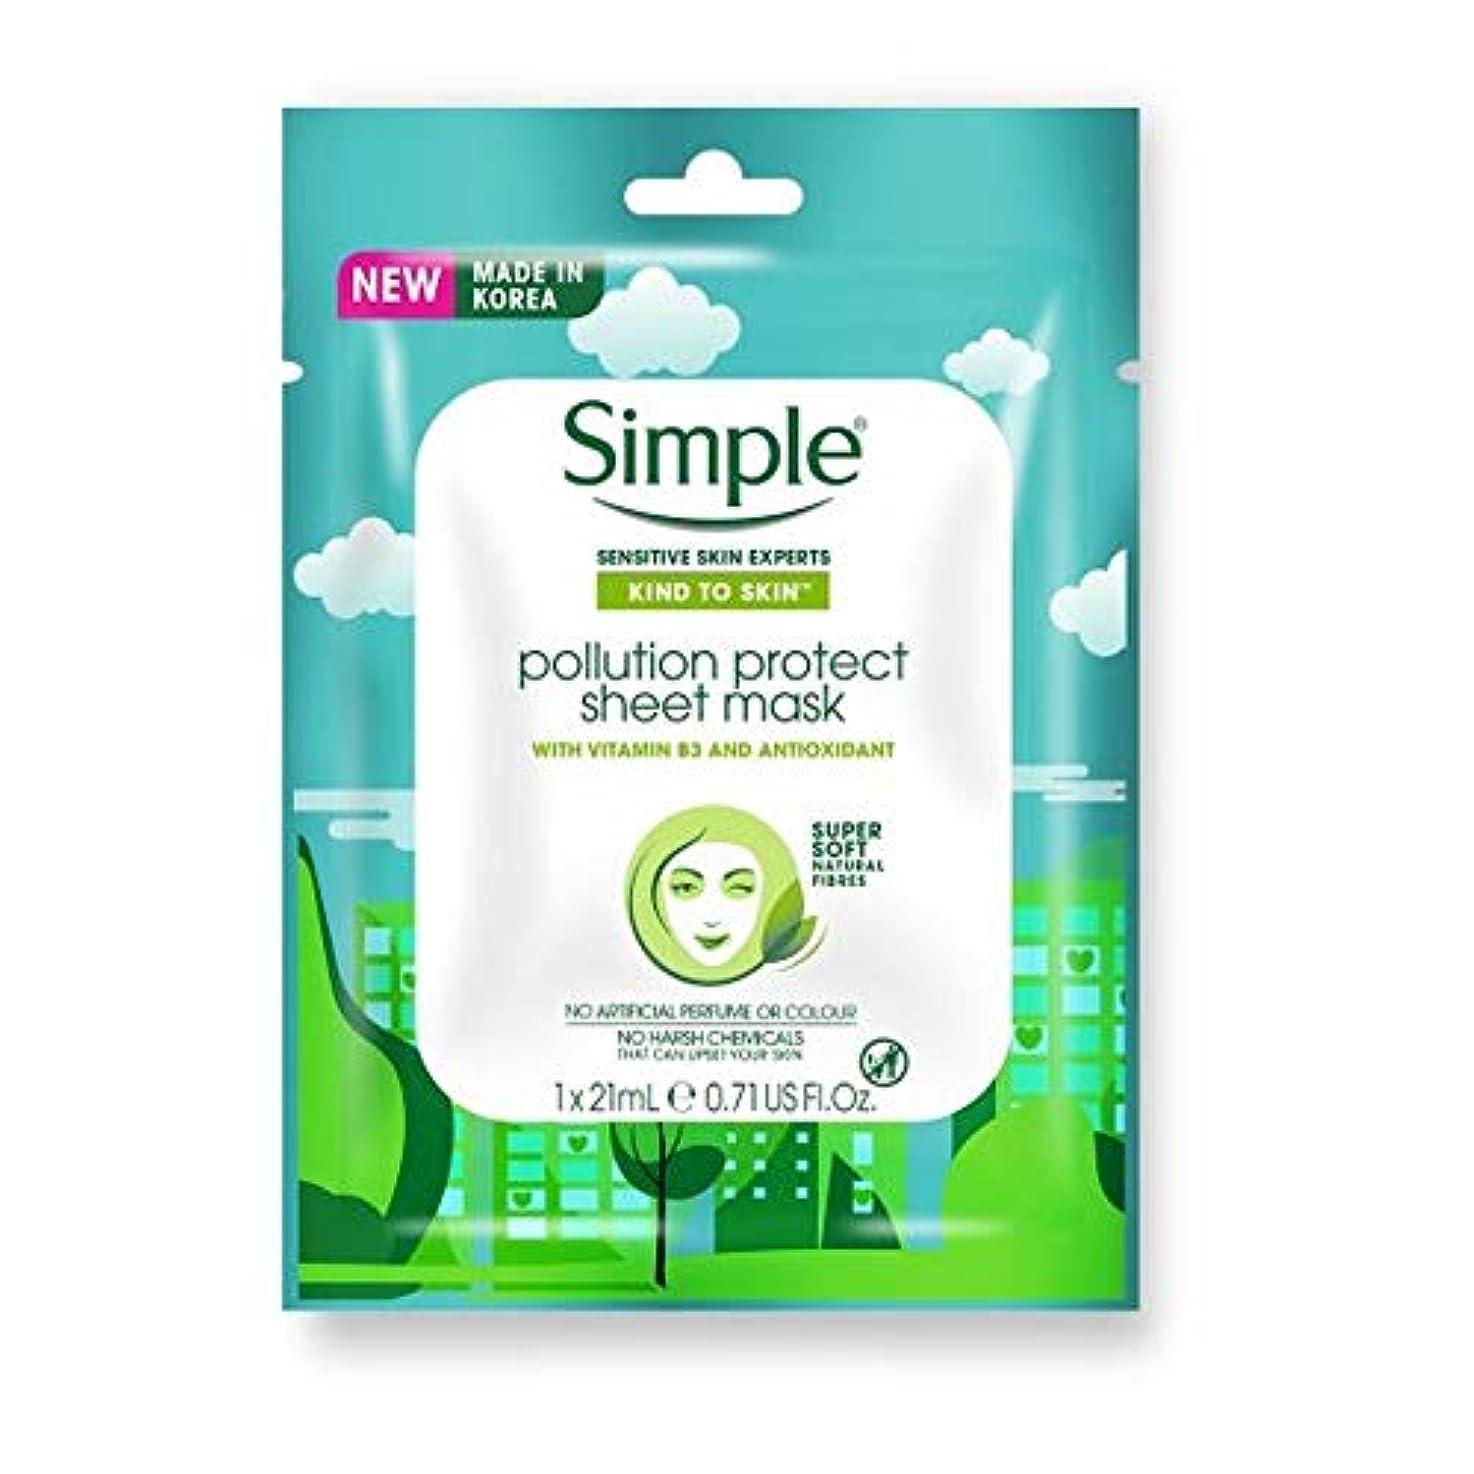 分類グローカメラ[Simple] 皮膚汚染への単純な種類のシートマスク21ミリリットルを保護 - Simple Kind To Skin Pollution Protect Sheet Mask 21Ml [並行輸入品]